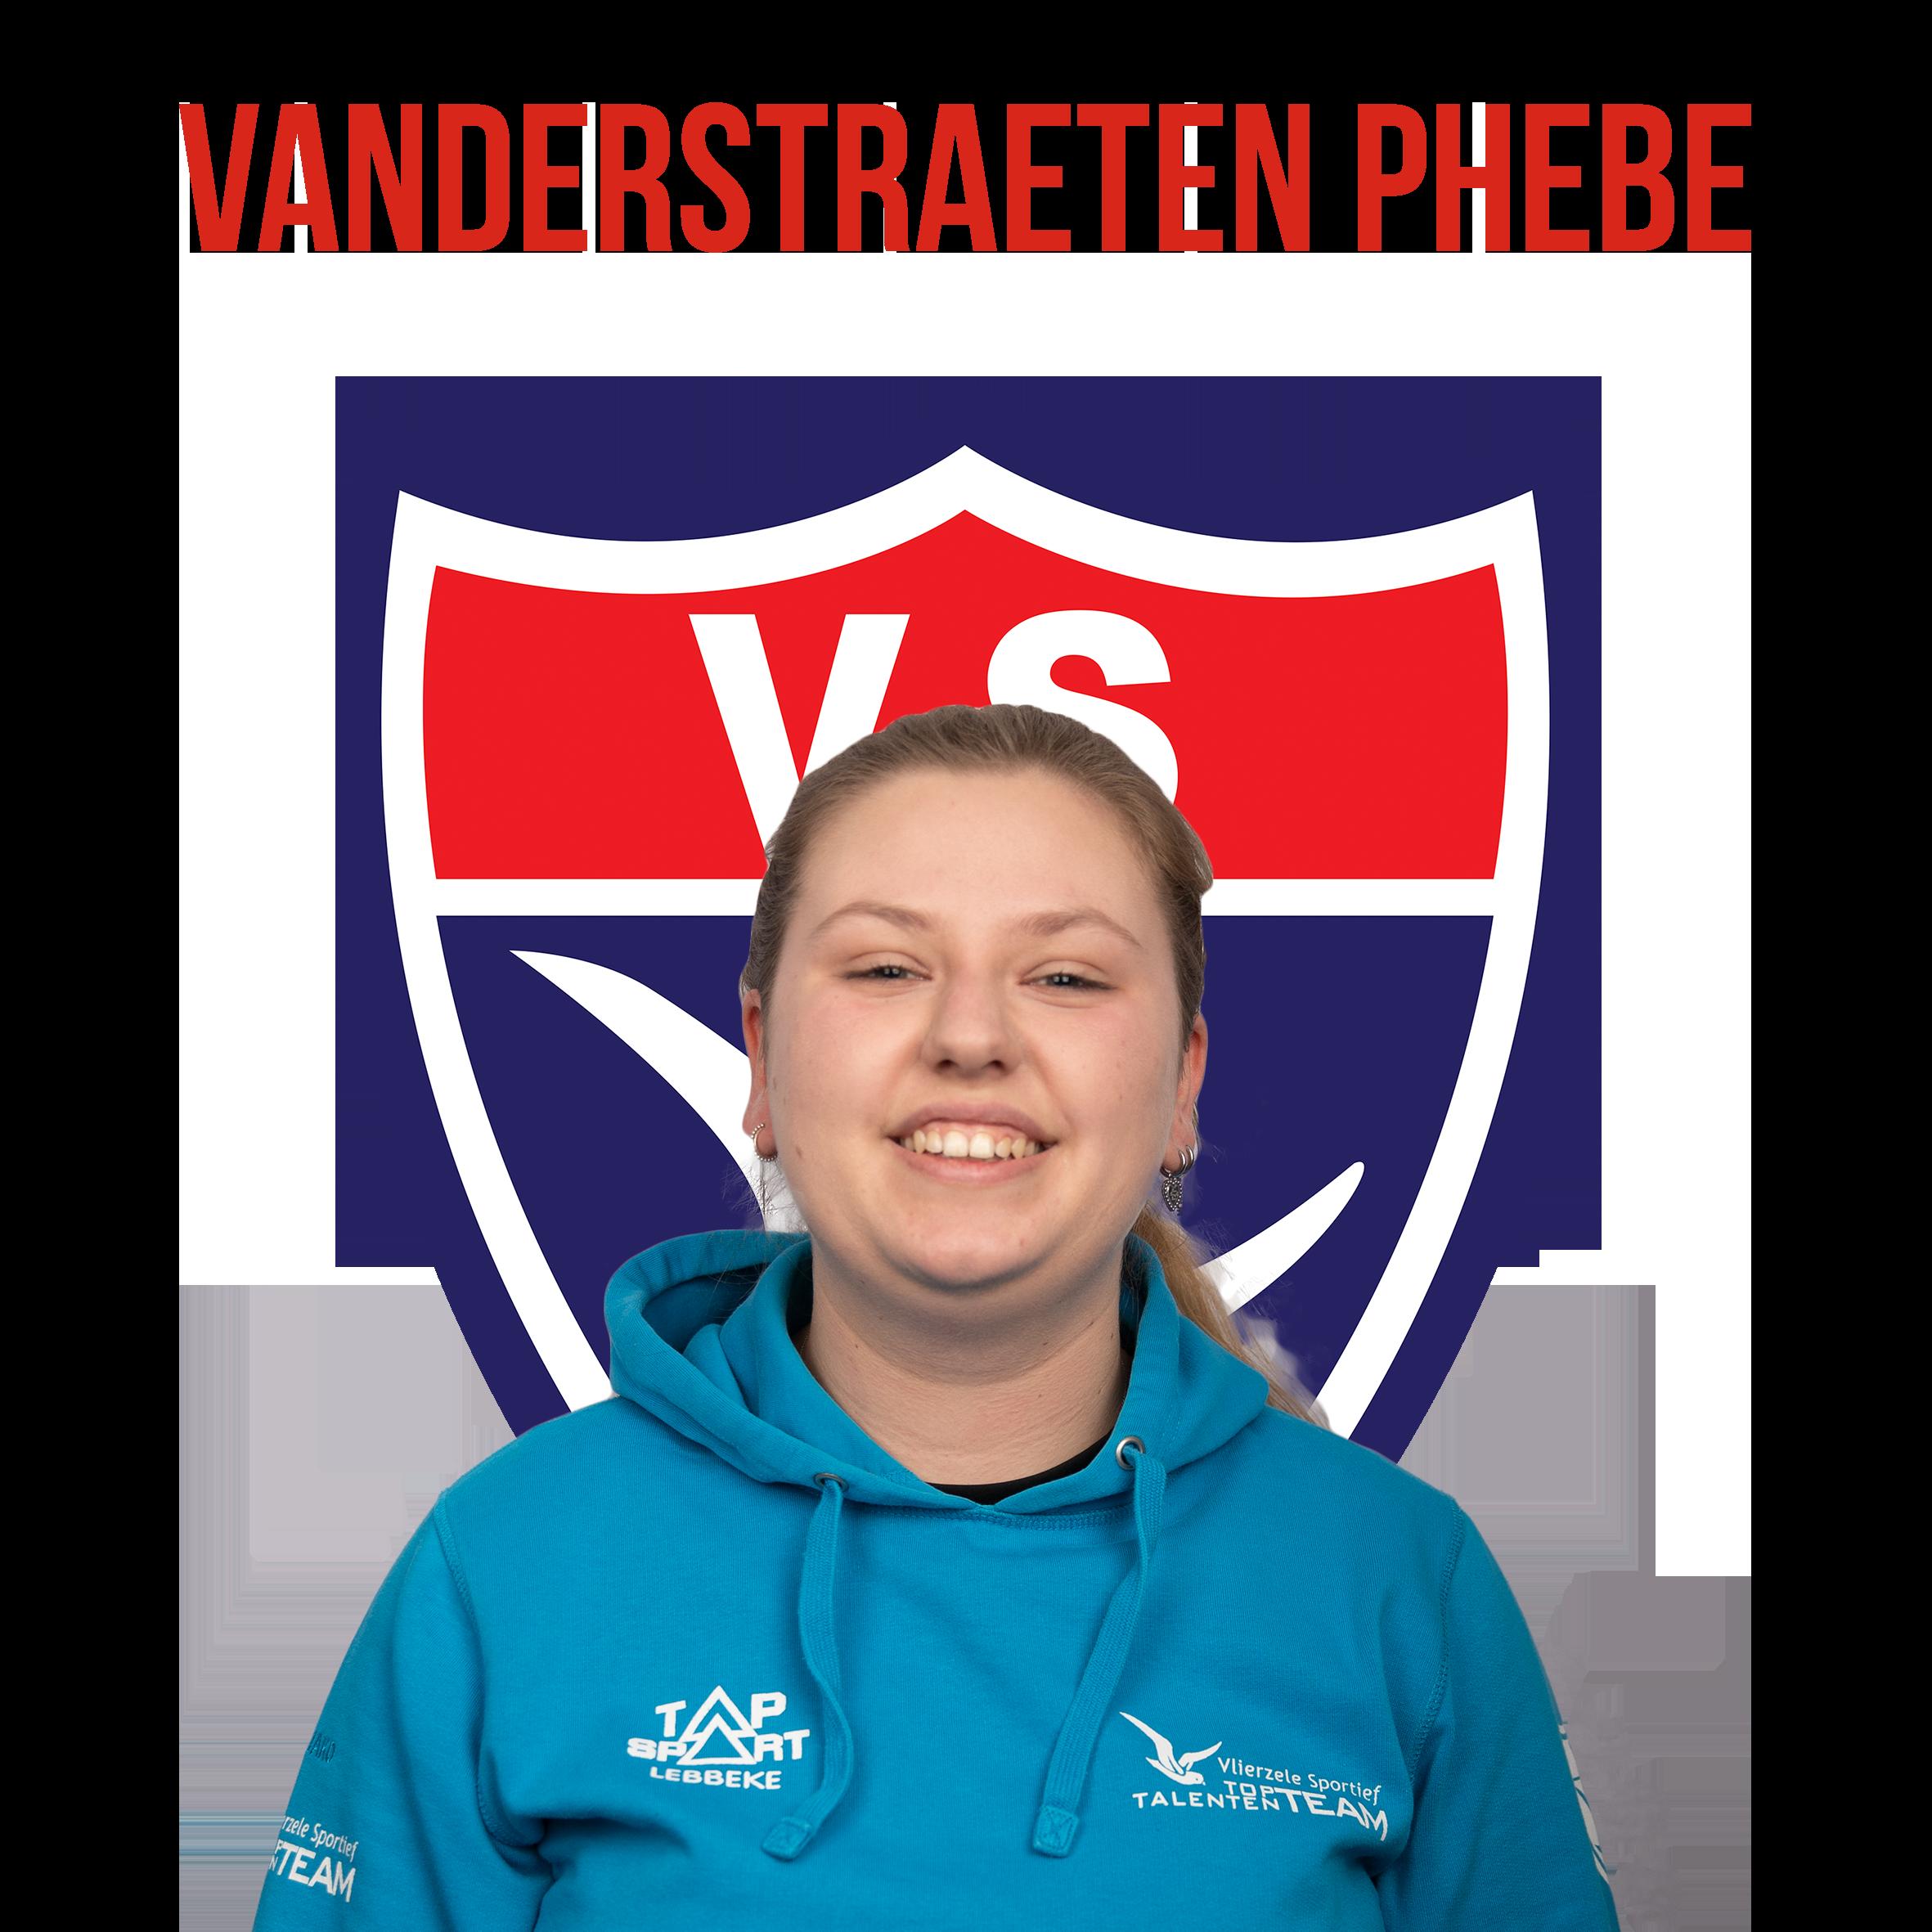 Vanderstraeten_Phebe